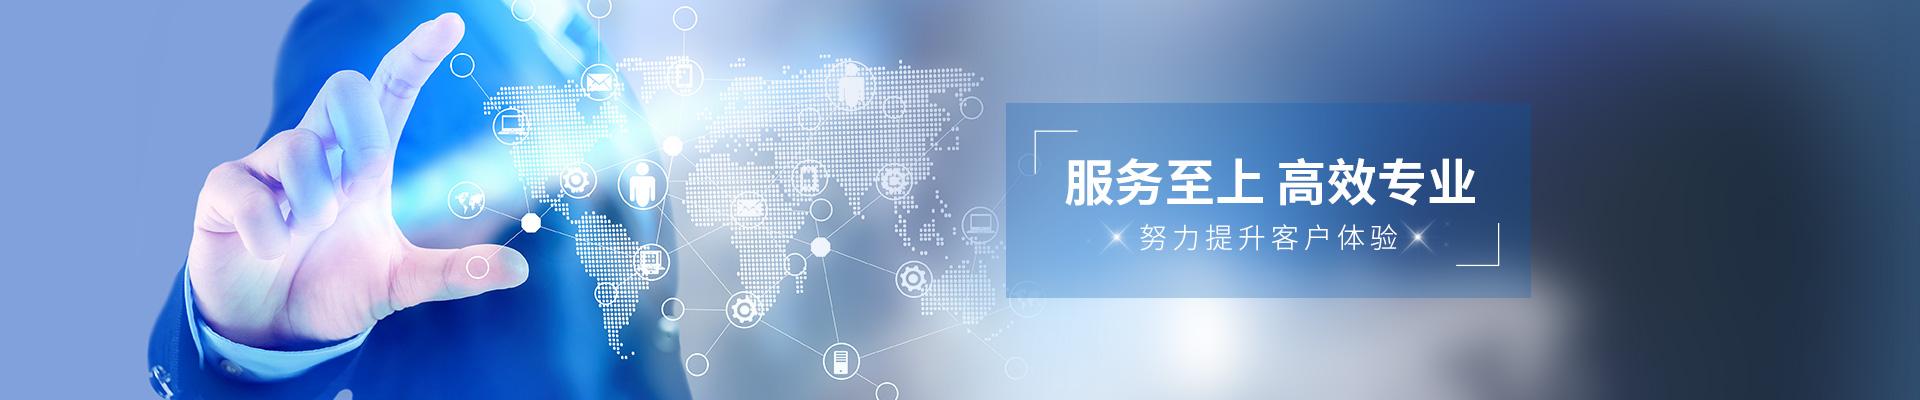 江苏放心金属材料计划「苏州紧固星金属制品有限公司」